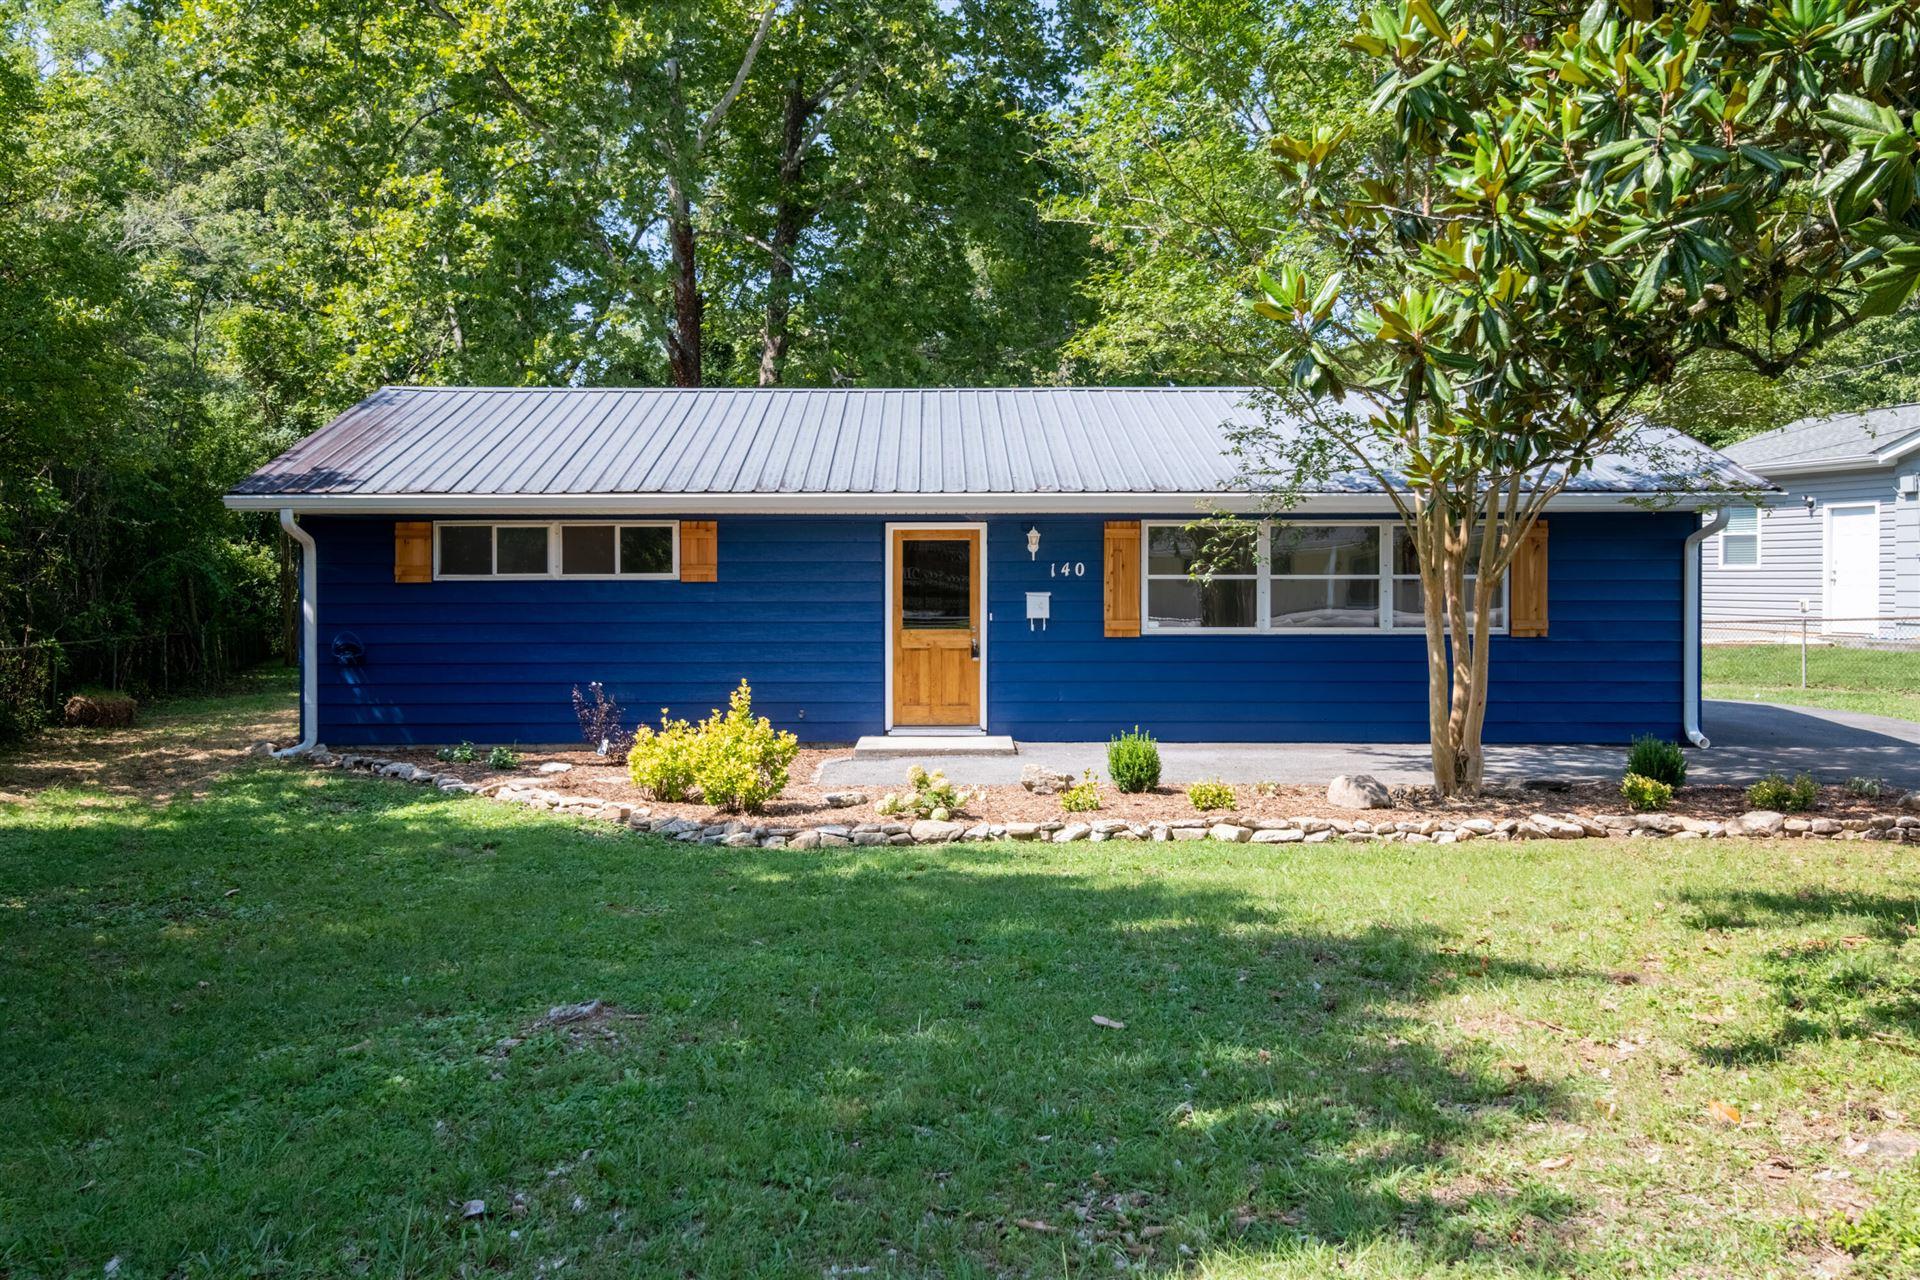 Photo of 140 W Bryn Mawr Circle, Oak Ridge, TN 37830 (MLS # 1166983)